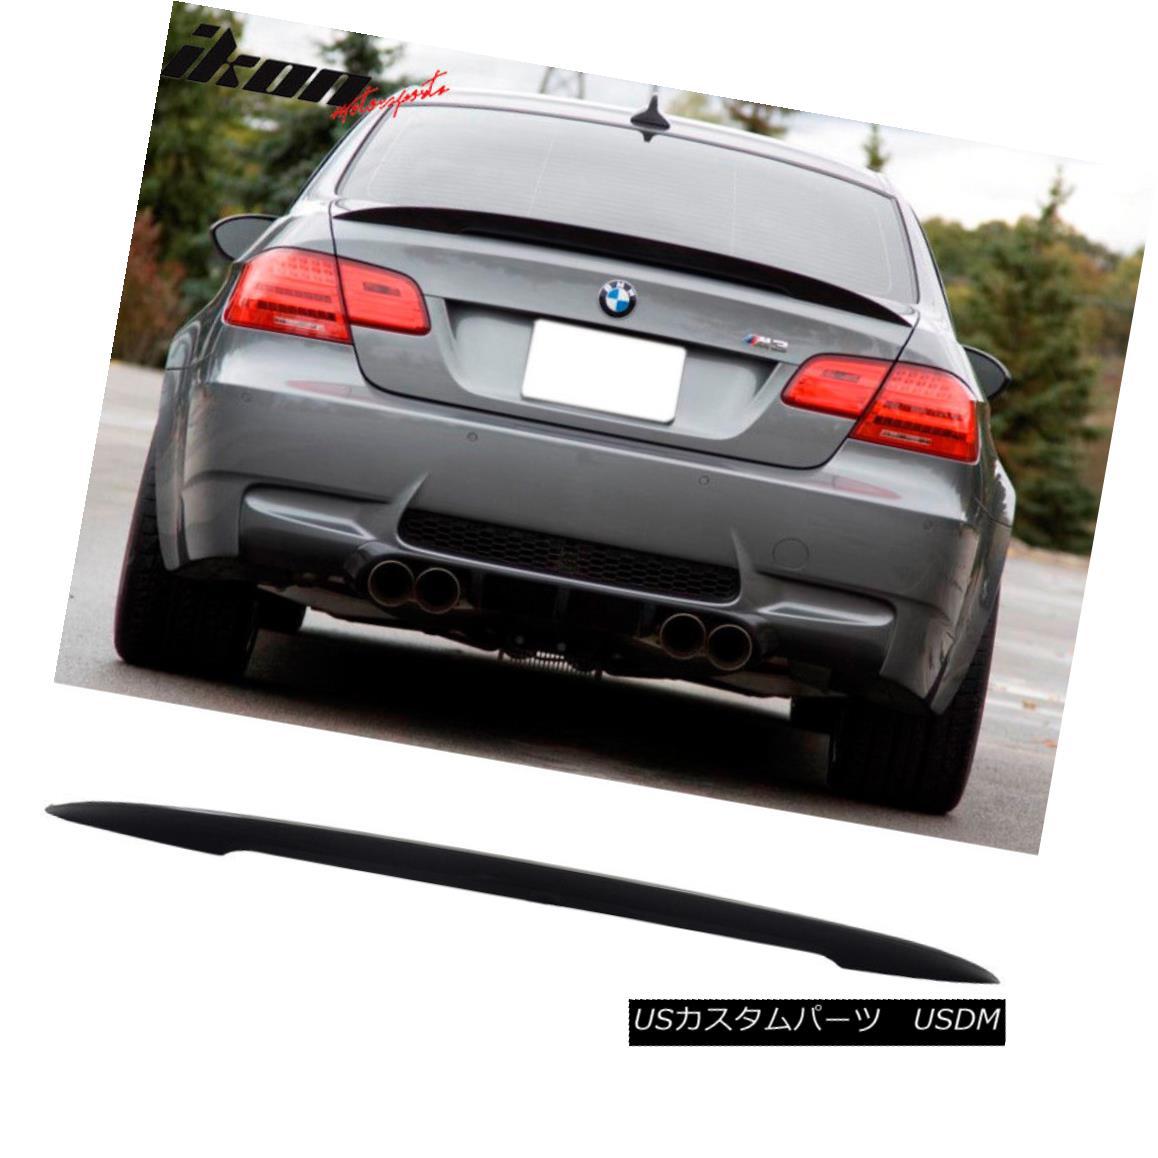 エアロパーツ Fits 07-13 BMW E92 Coupe Performance High Kick Unpainted ABS Trunk Spoiler Wing 07-13 BMW E92クーペパフォーマンスハイキック無塗装ABSトランク・スポイラー・ウィング